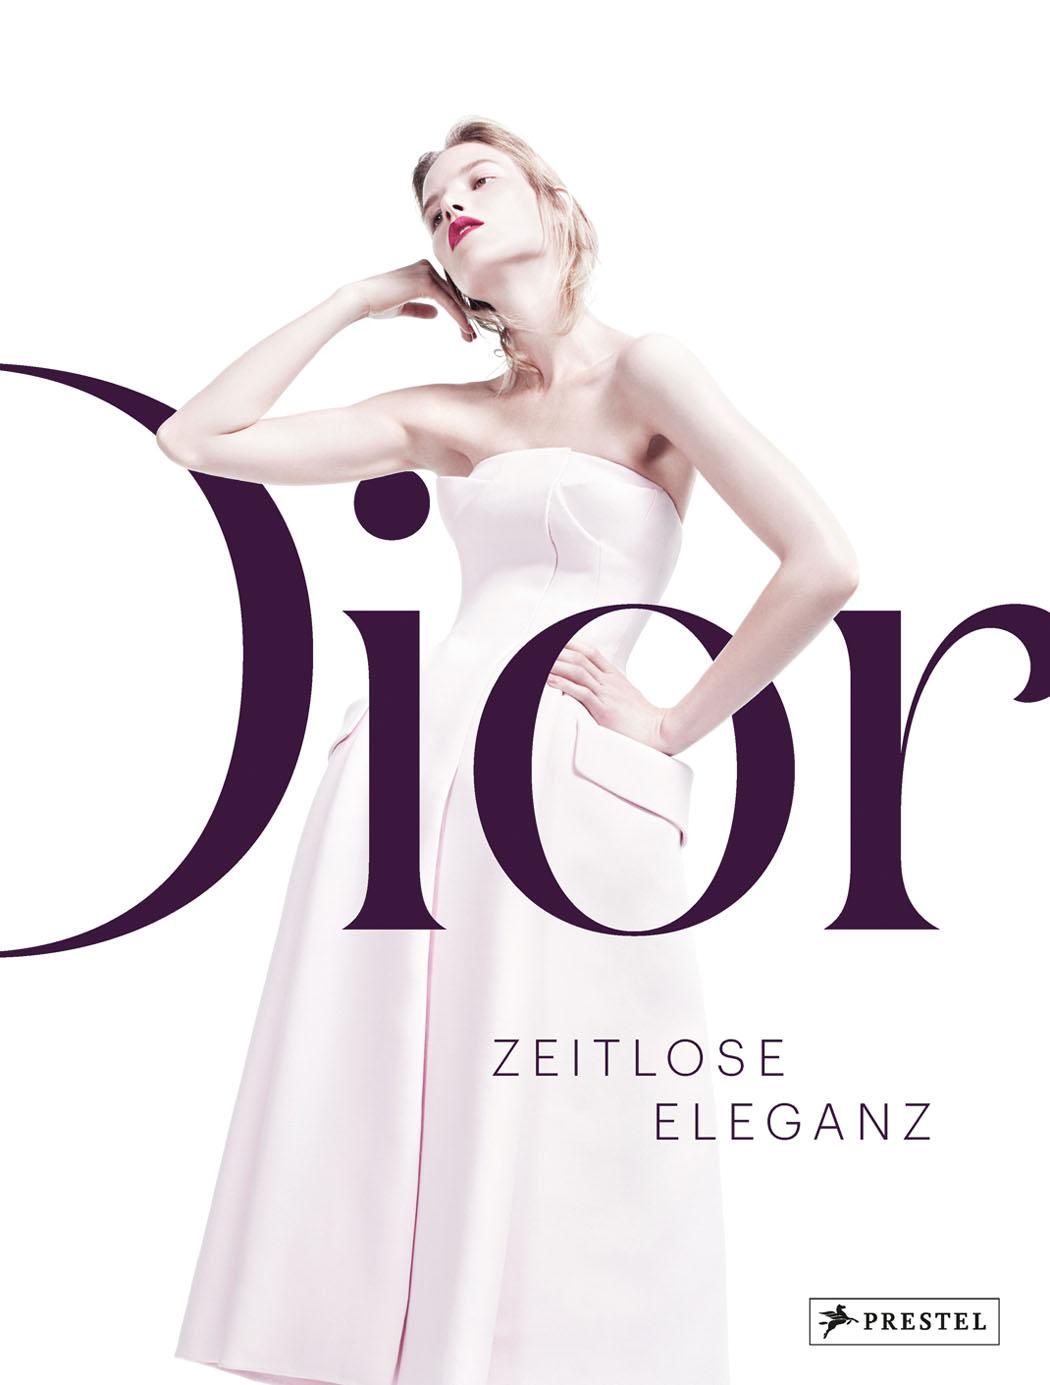 TANGO_online_dior_-_zeitlose_eleganz_161274_300dpi